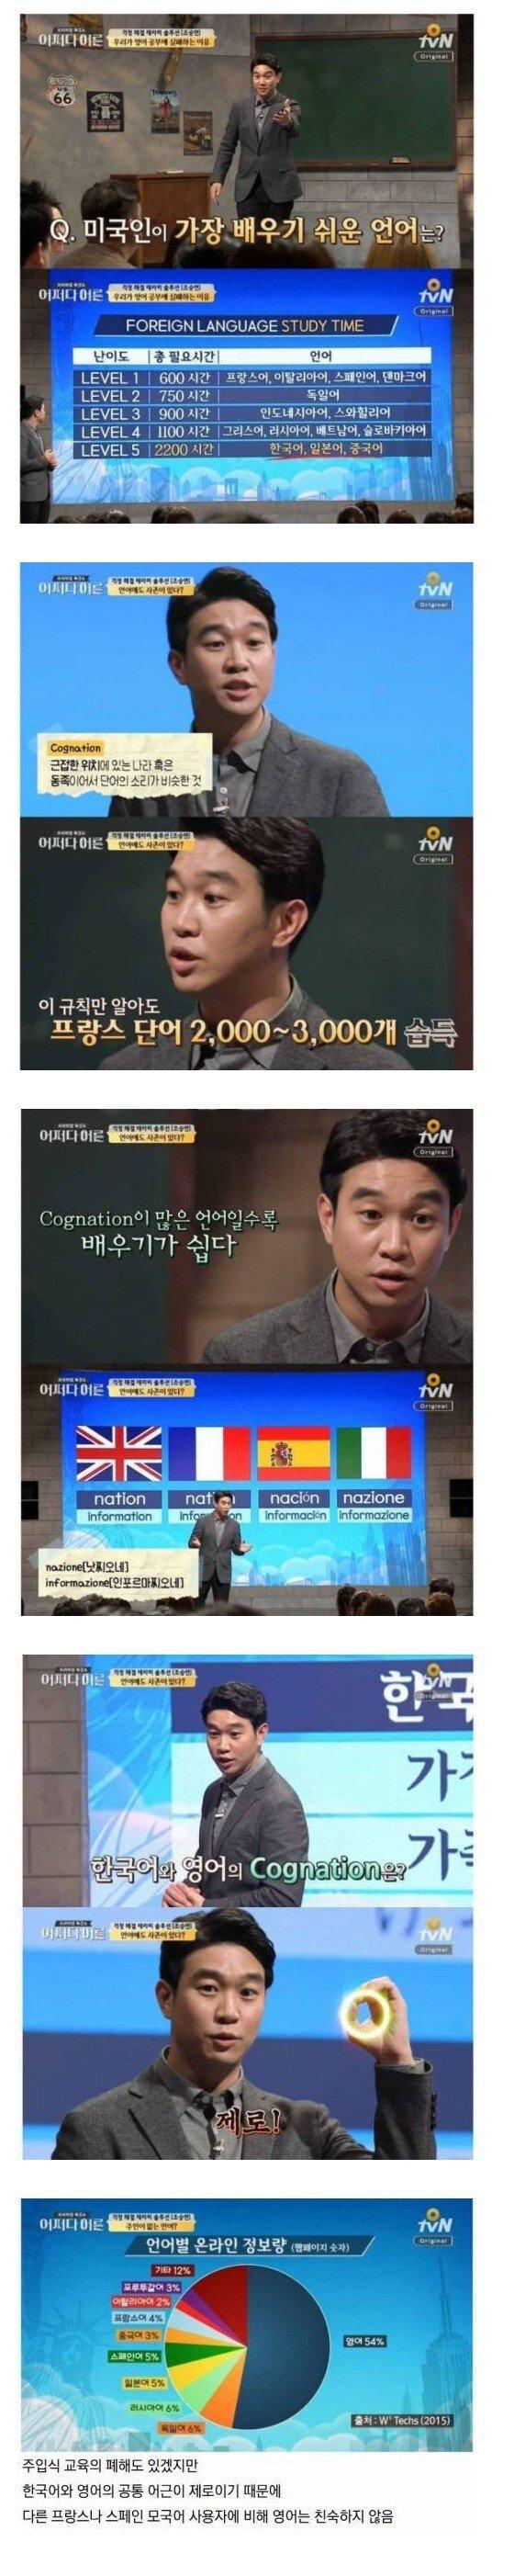 한국인이 영어를 못하는 이유